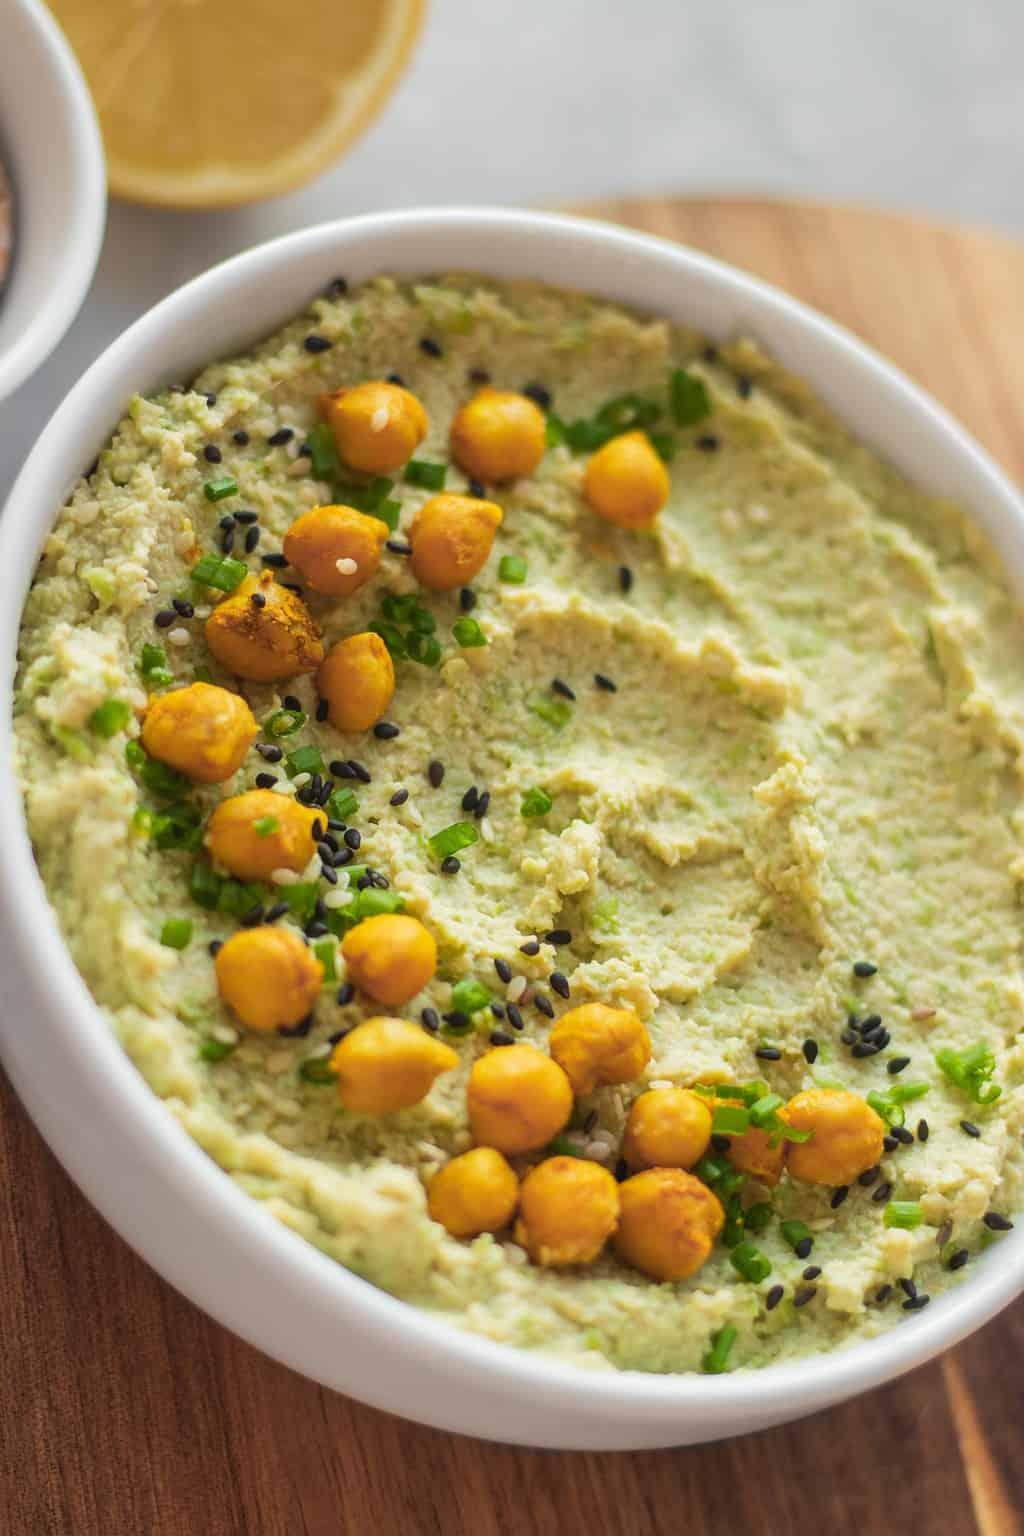 Vegan edamame hummus with chickpeas